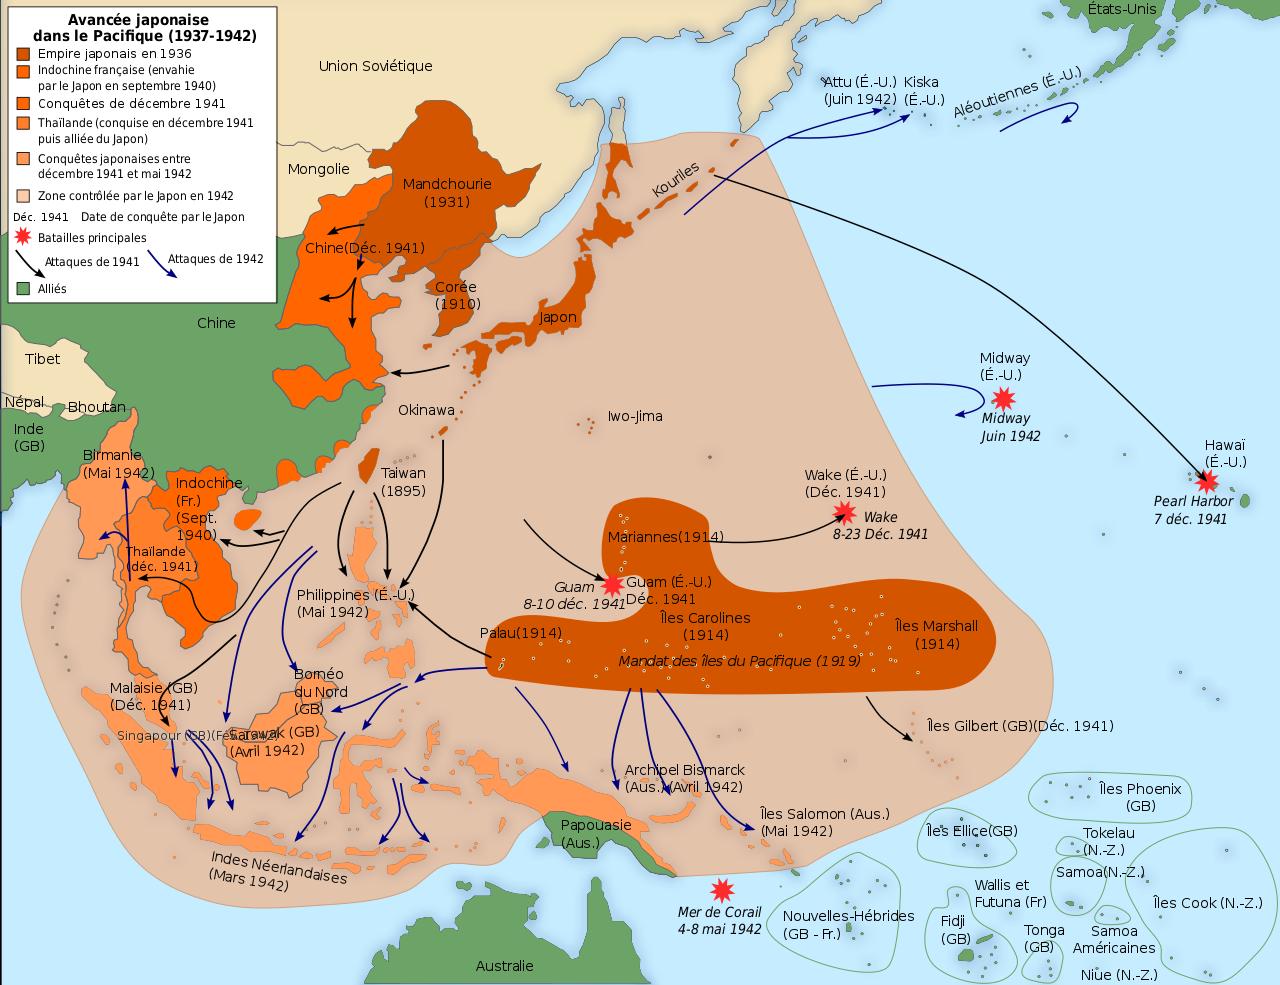 Carte de l'avancée japonaise dans le Pacifique de 1937 à 1942